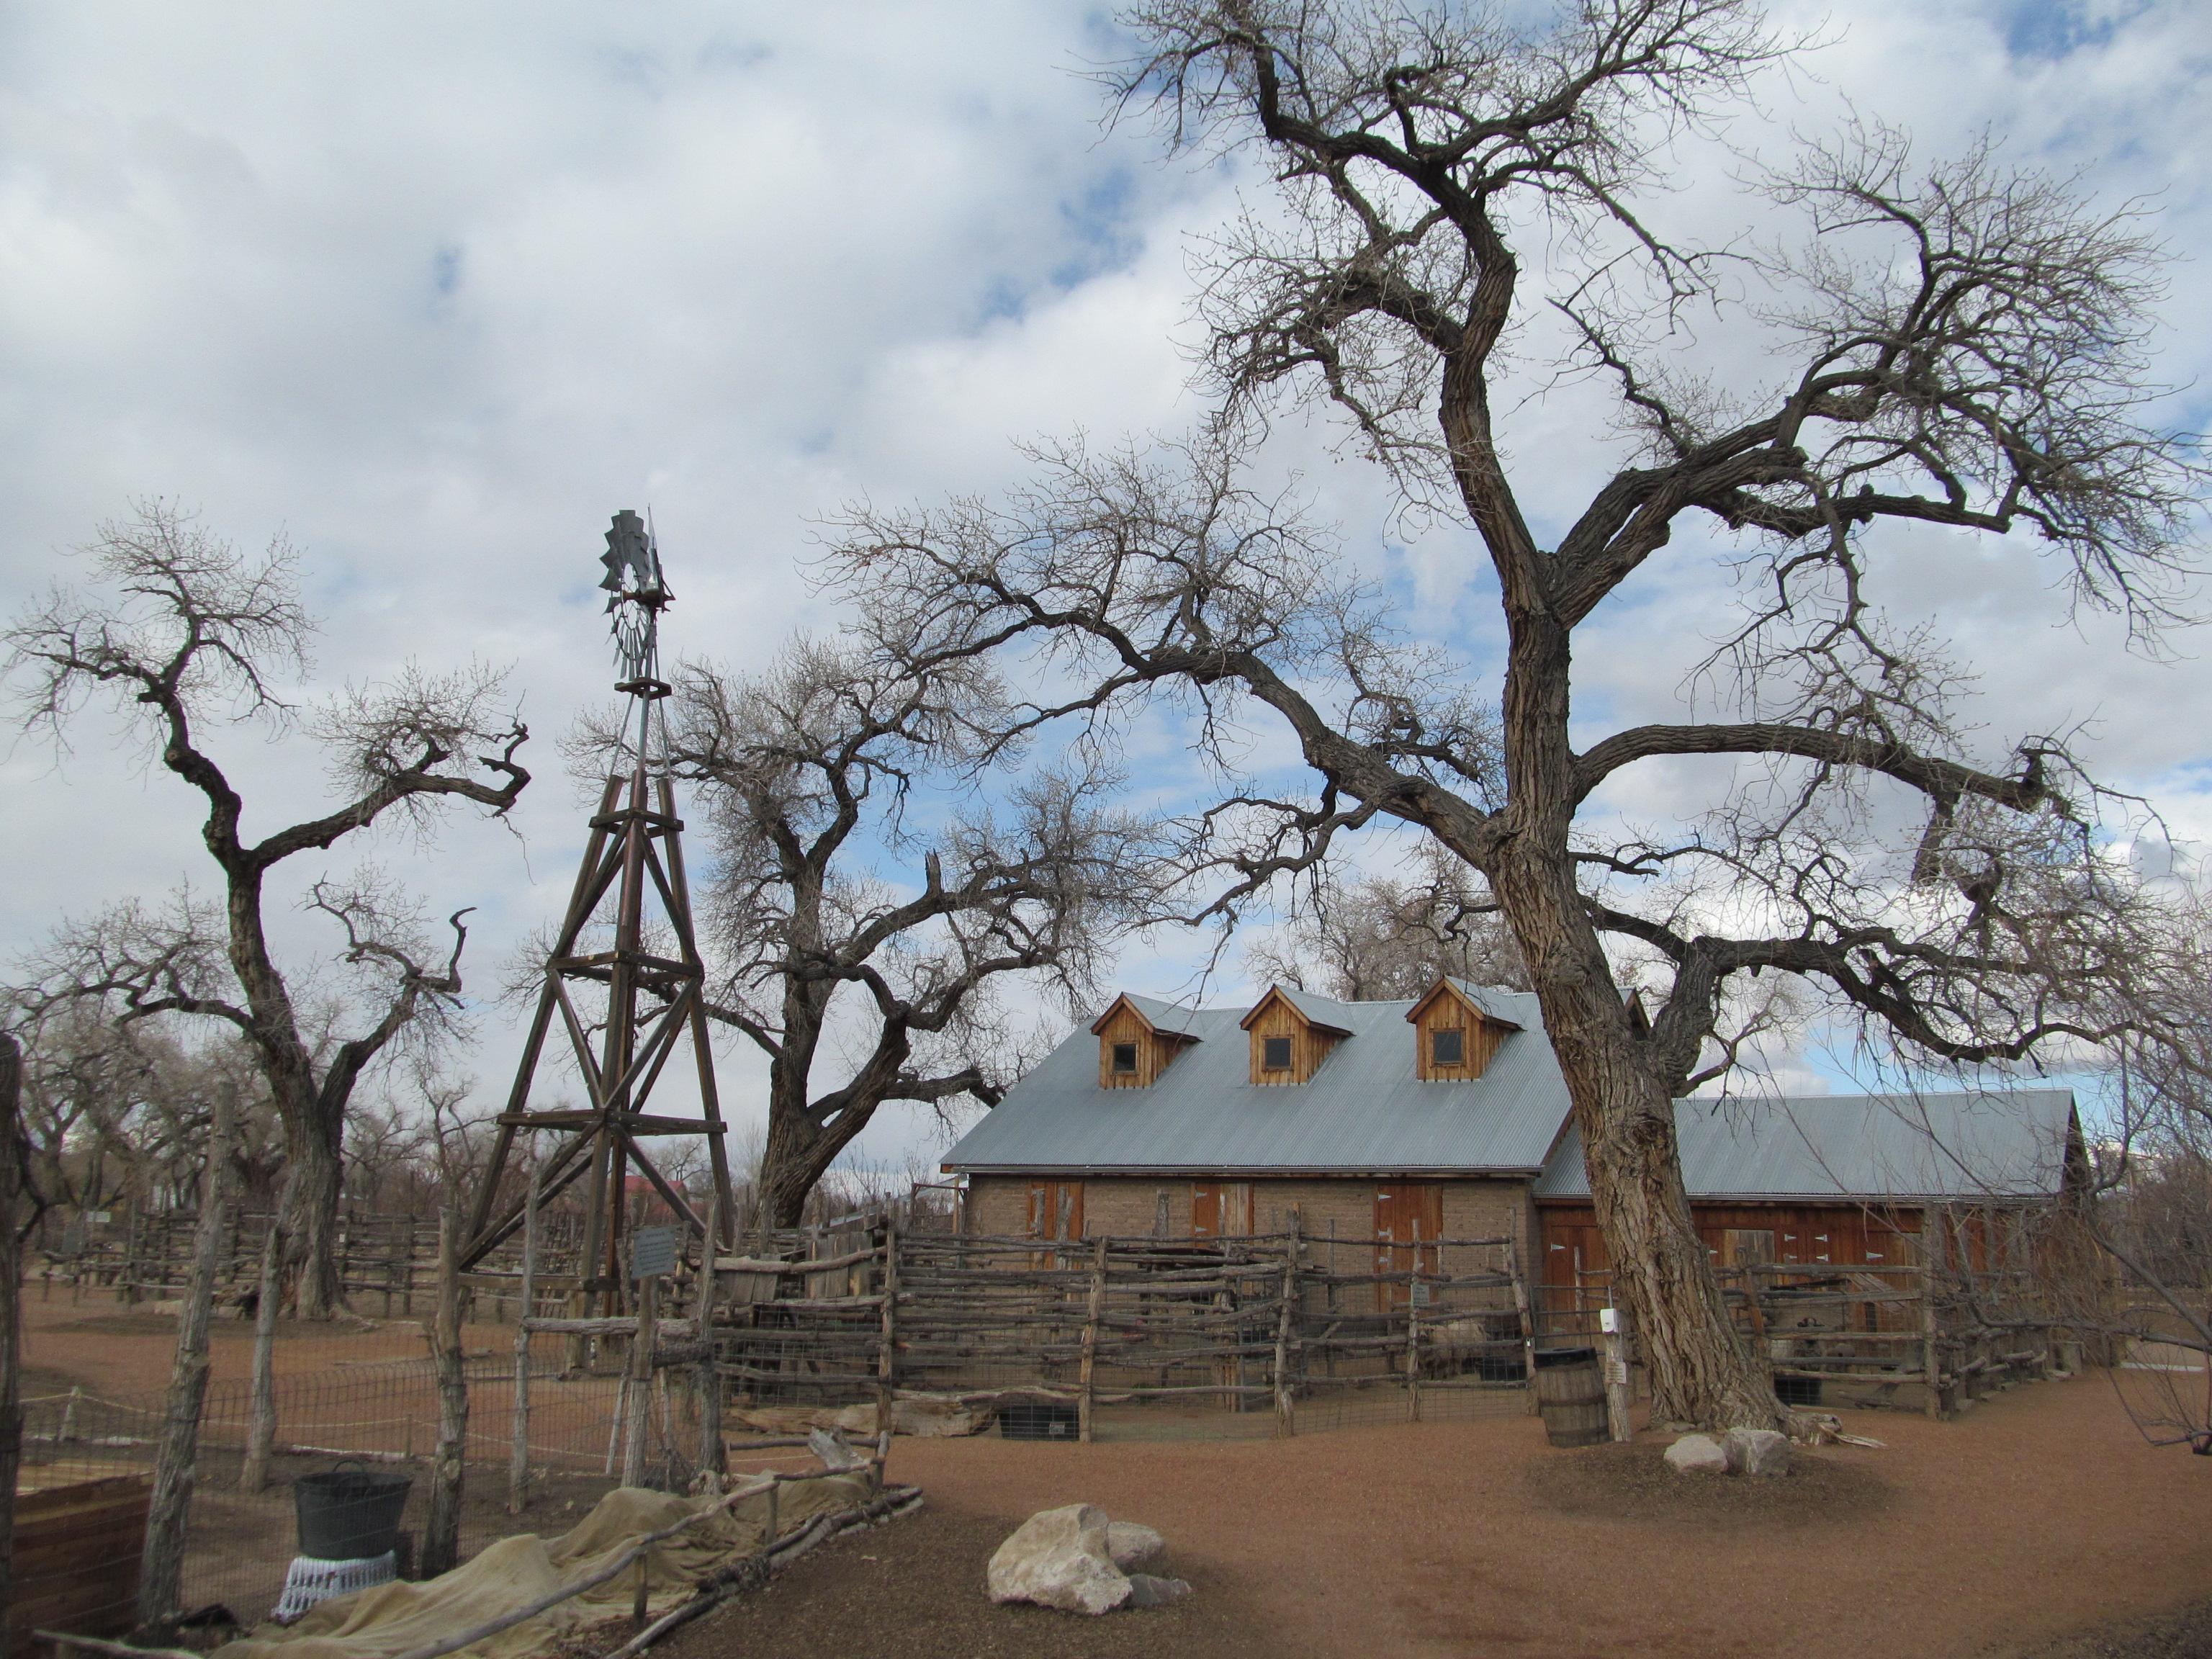 File:Barn At The Heritage Farm, Rio Grande Botanic Garden, Albuquerque NM.